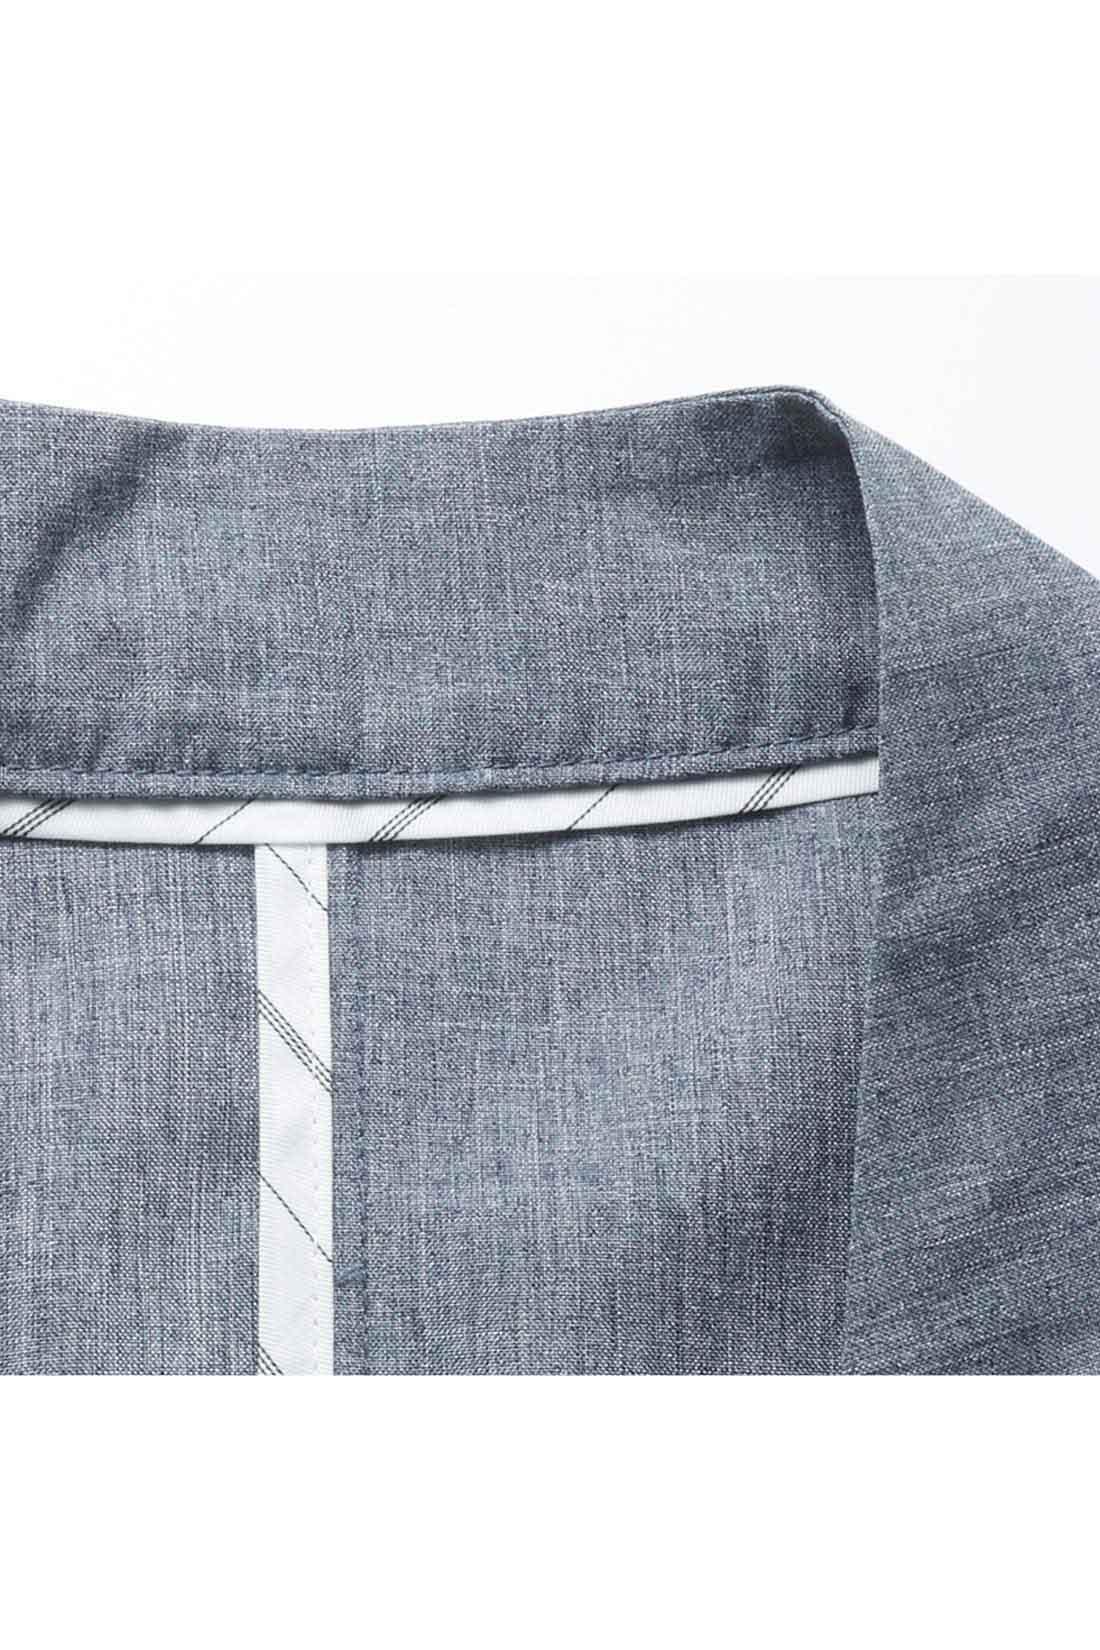 縫製が肌に直接ふれないようストライプのパイピングでカバー。脱いだときにもアクセントに。